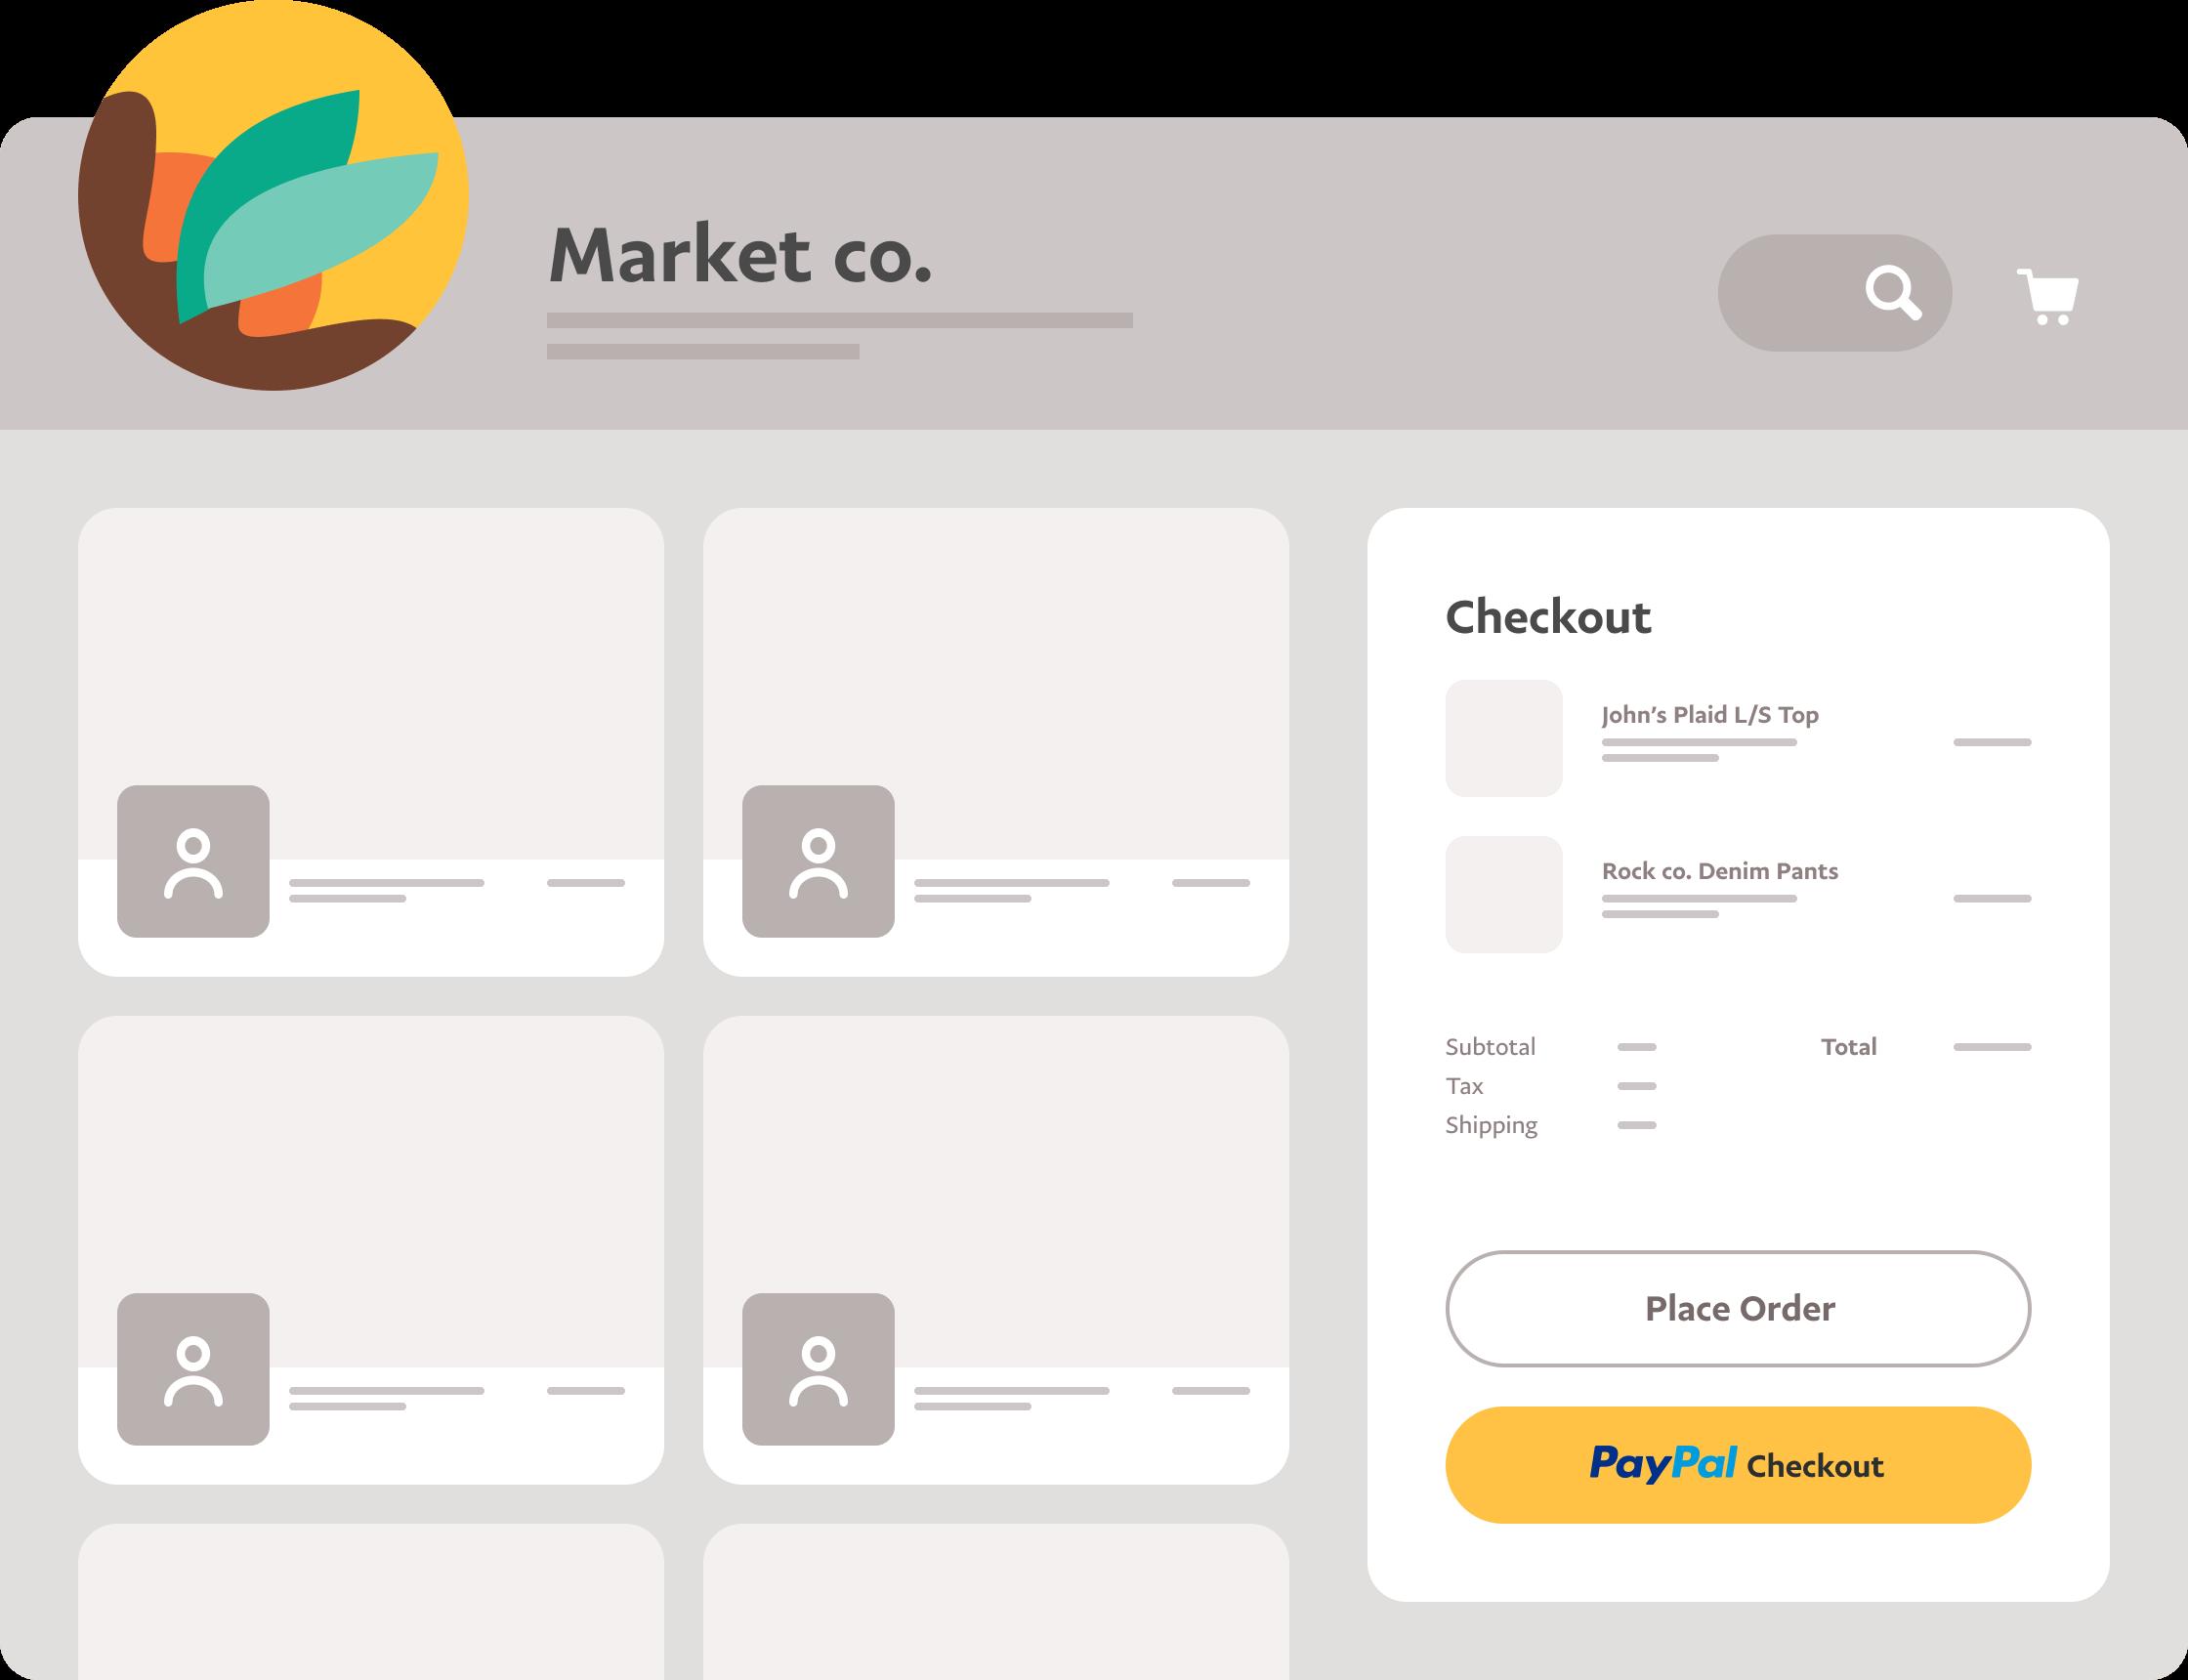 시장에서 상품을 결제하는 데 PayPal Checkout이 사용되고 있음을 보여주는 대시보드